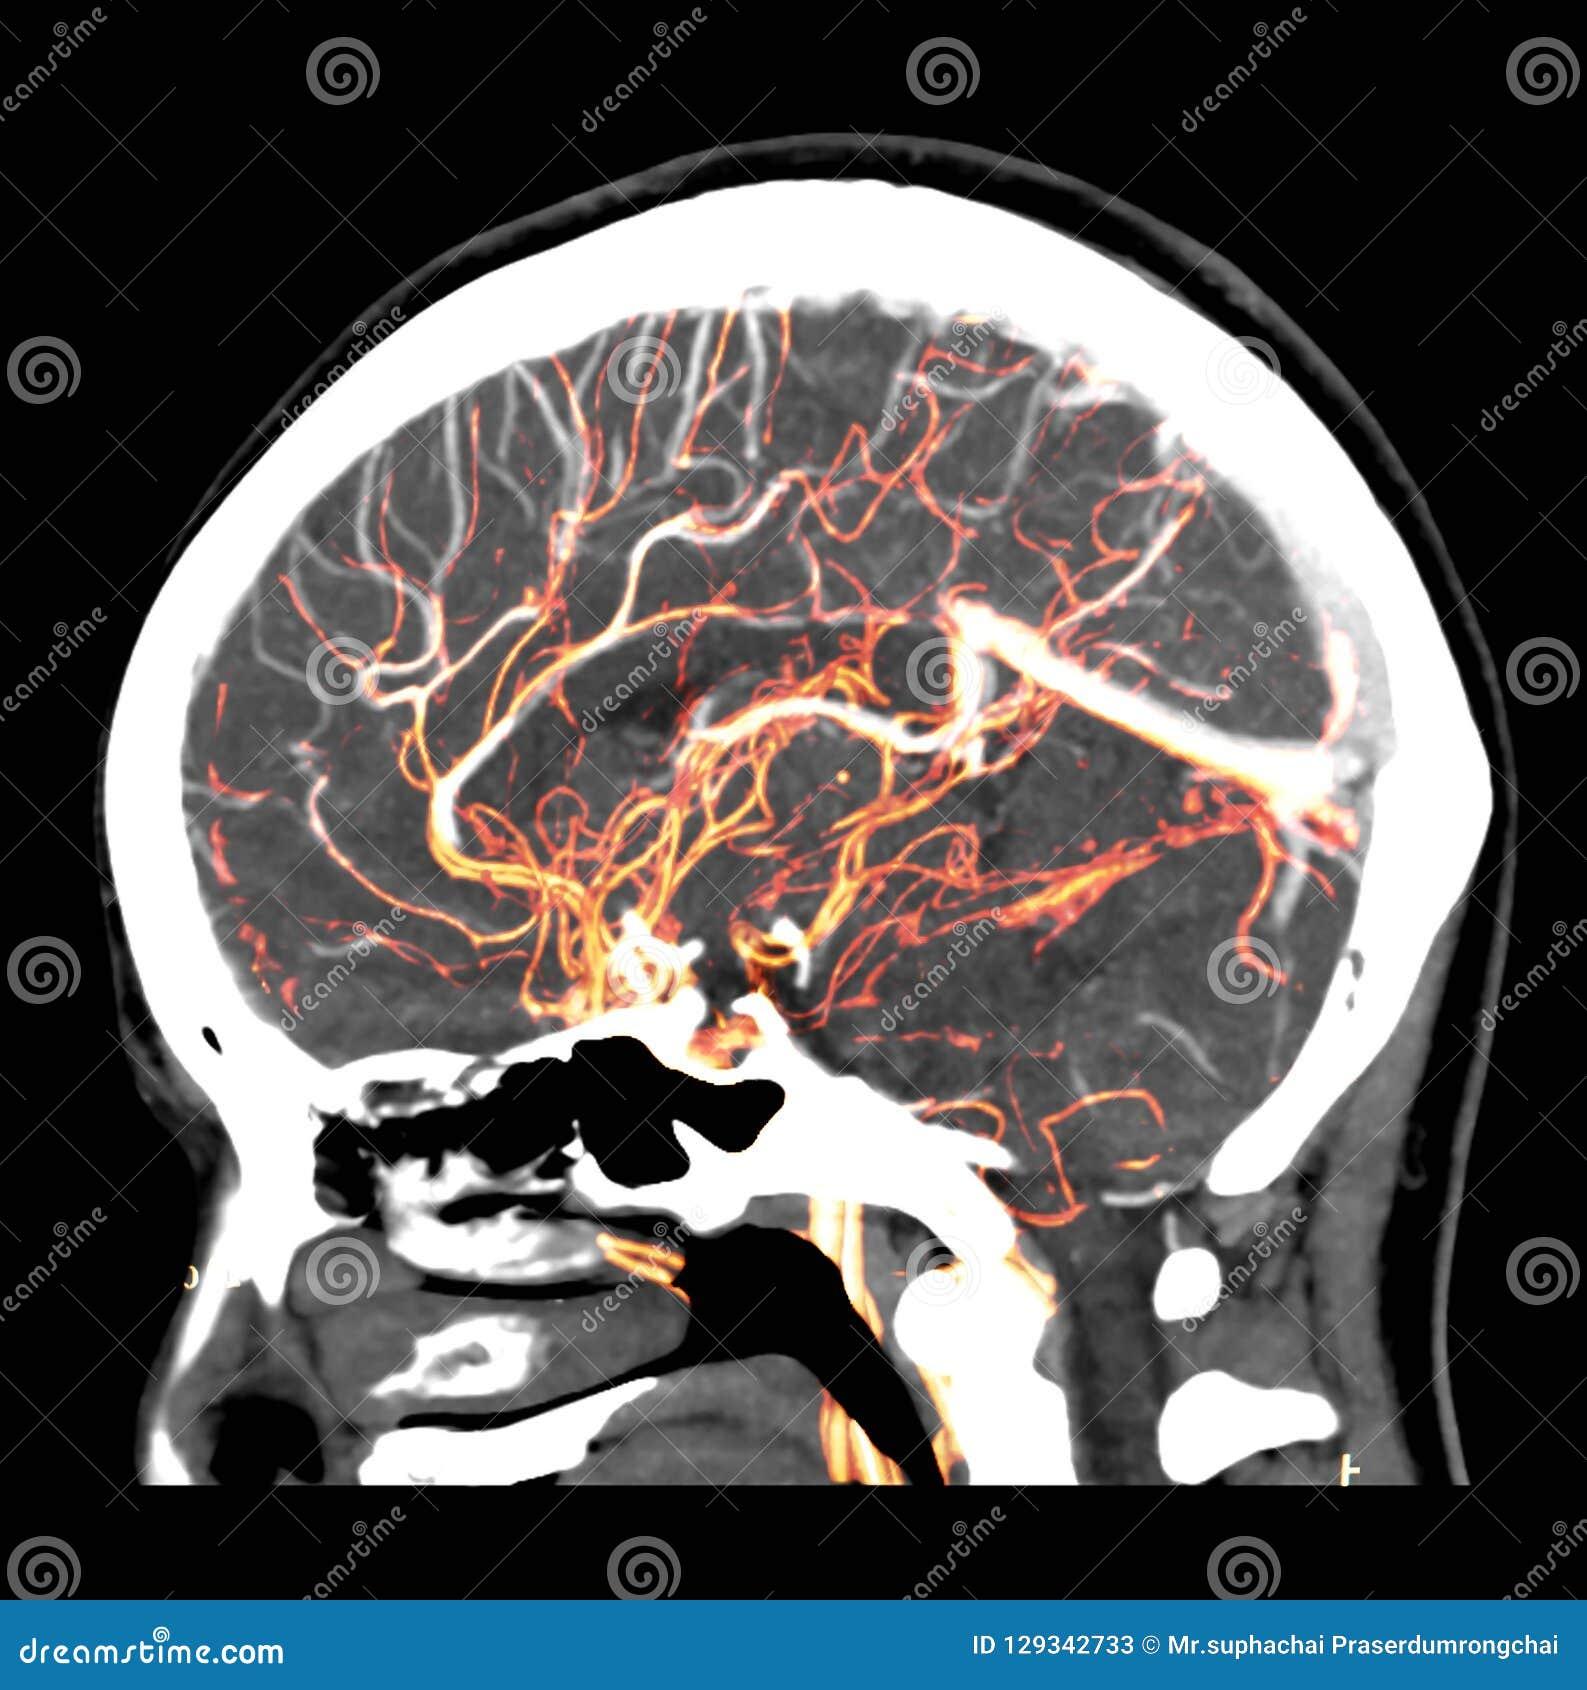 3D Teruggevend beeld van de menselijke hersenen die normale slagaders in het hoofd tonen door CT SCANNER